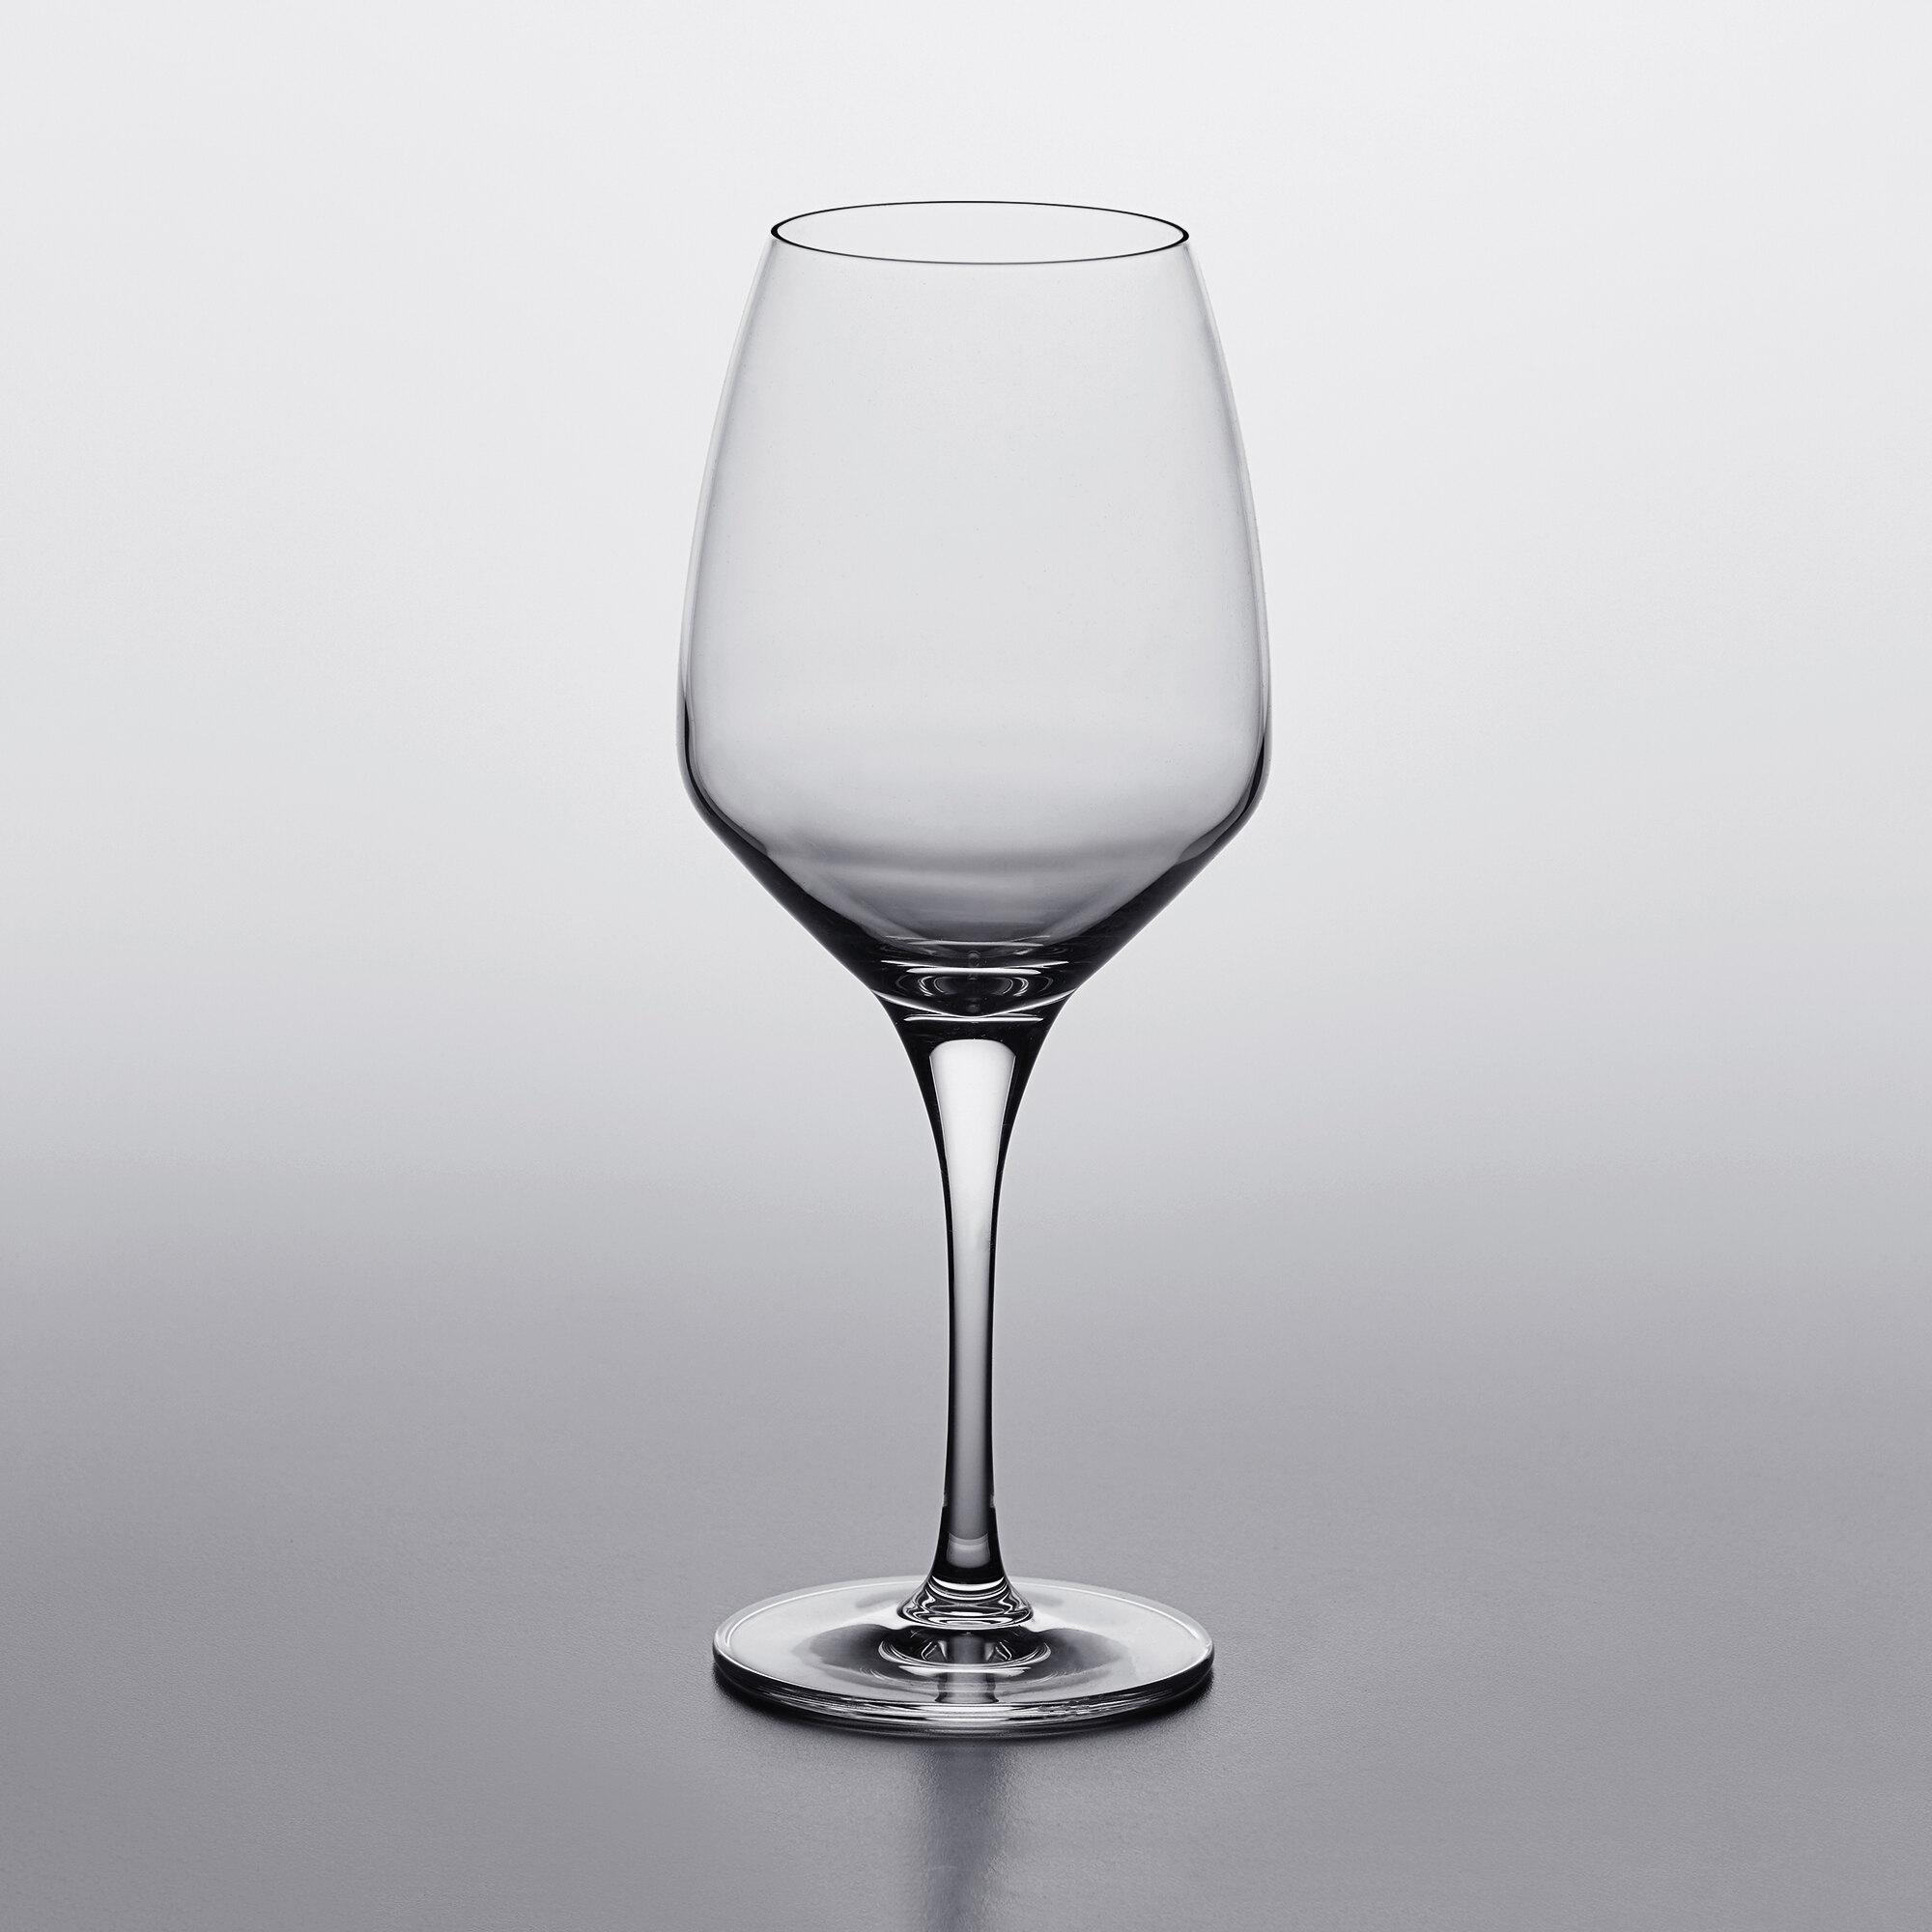 Nude 67022-024 Fame 11.75 oz. All-Purpose Wine Glass - 24/Case